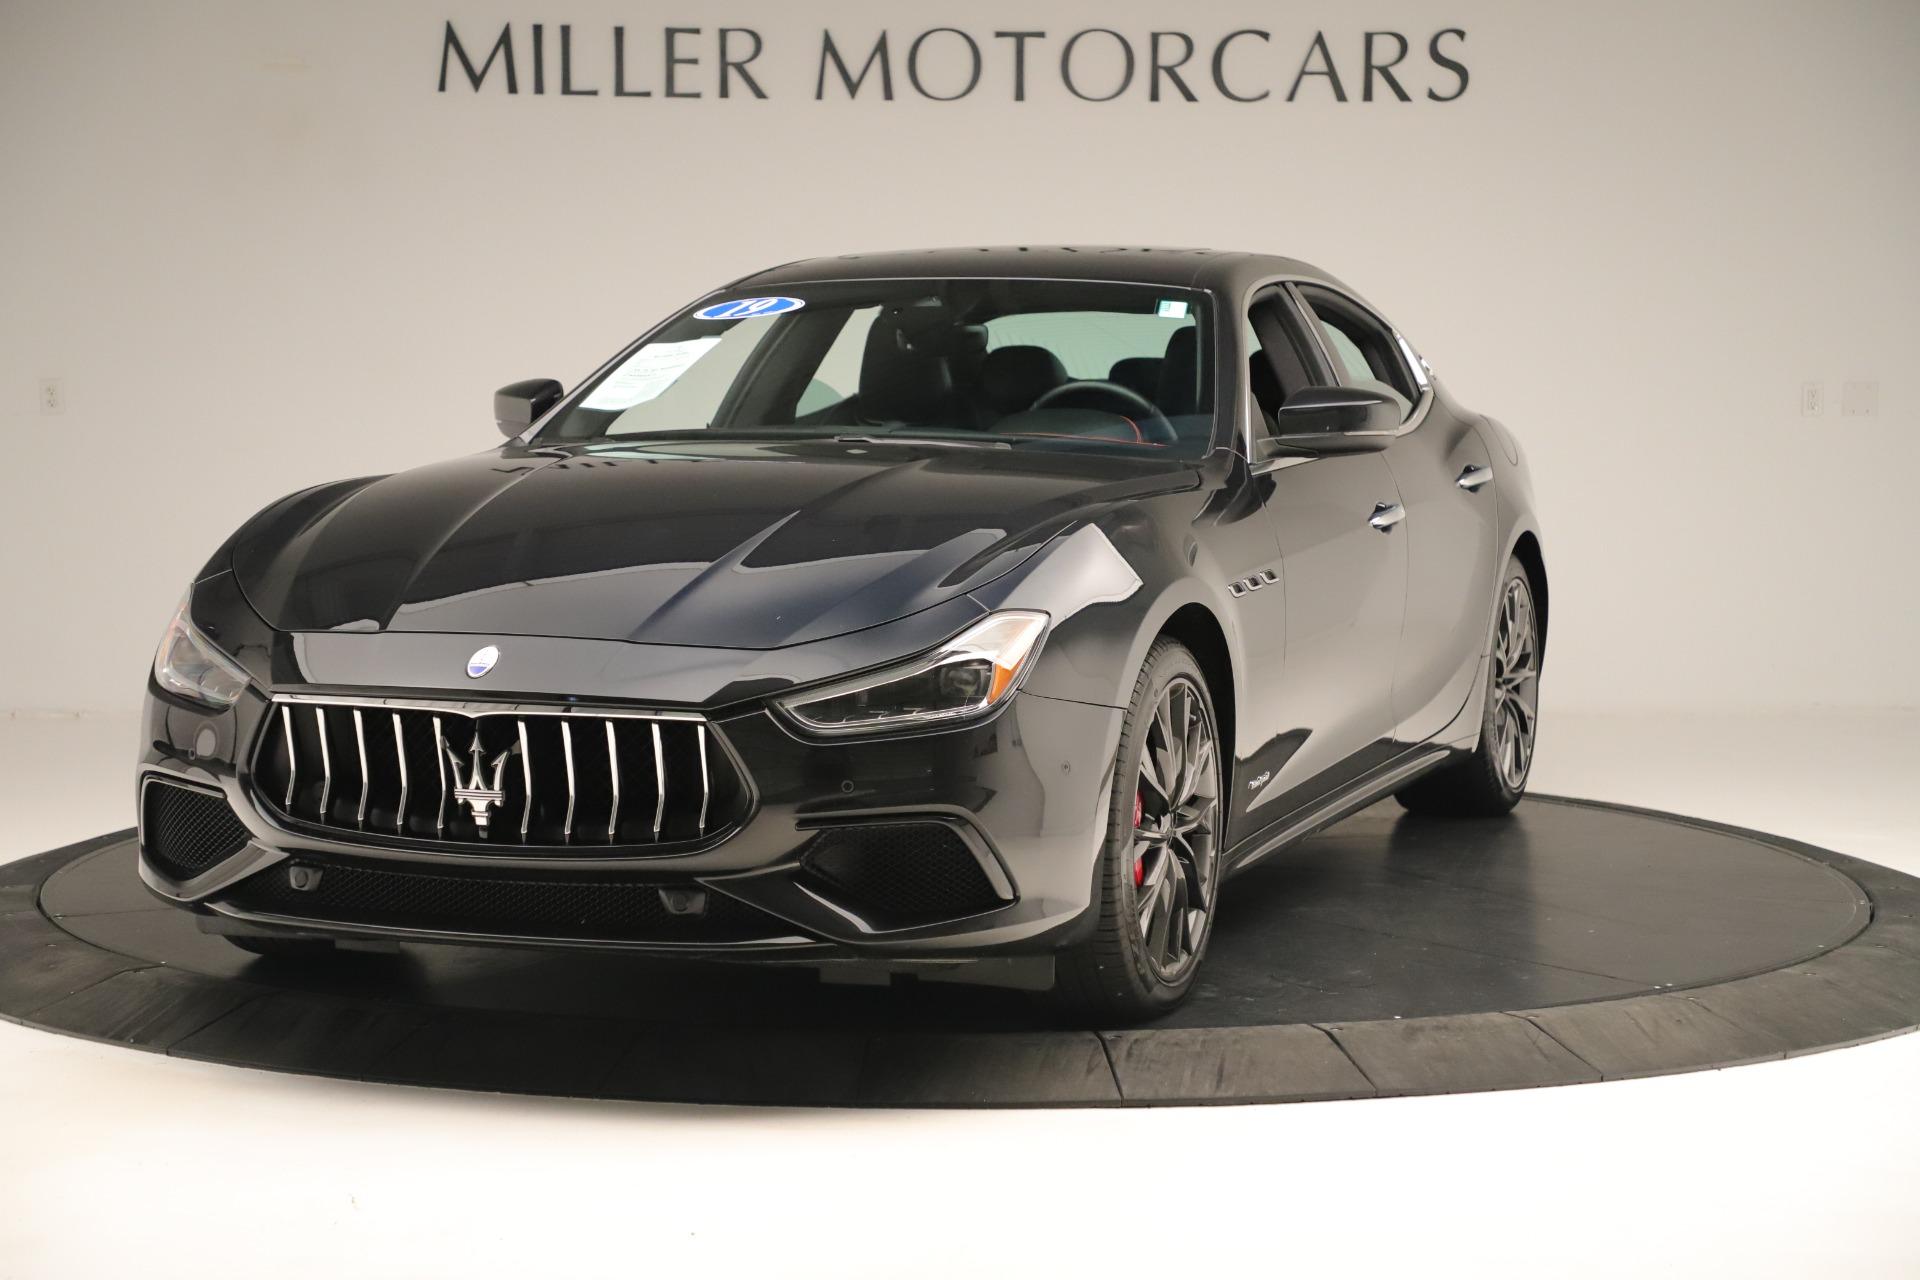 New 2019 Maserati Ghibli S Q4 GranSport For Sale In Westport, CT 2640_main